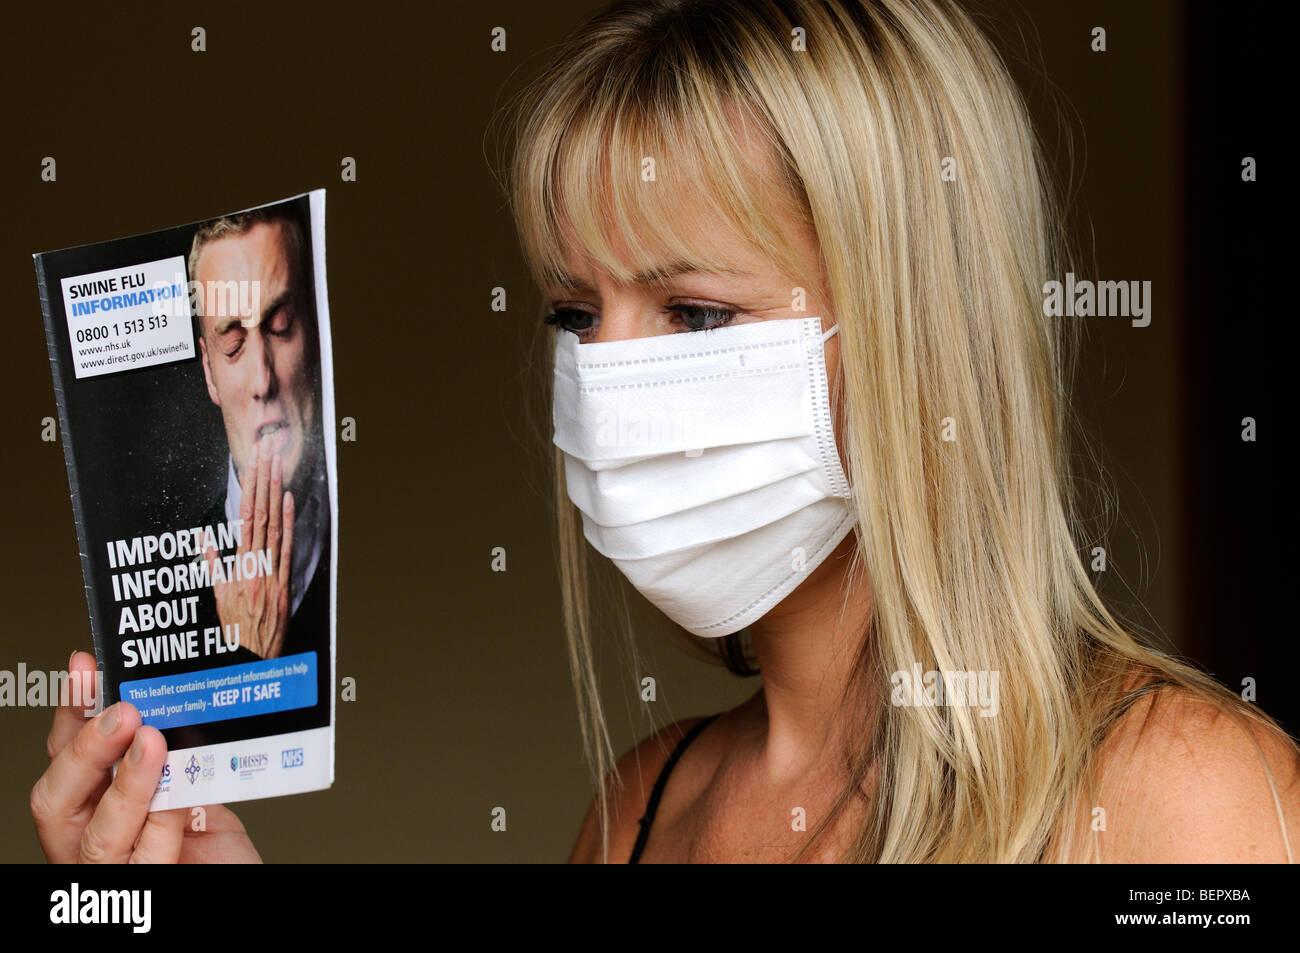 Portrait d'une femme portant un masque médical et livret d'information sur la grippe porcine de lecture Banque D'Images